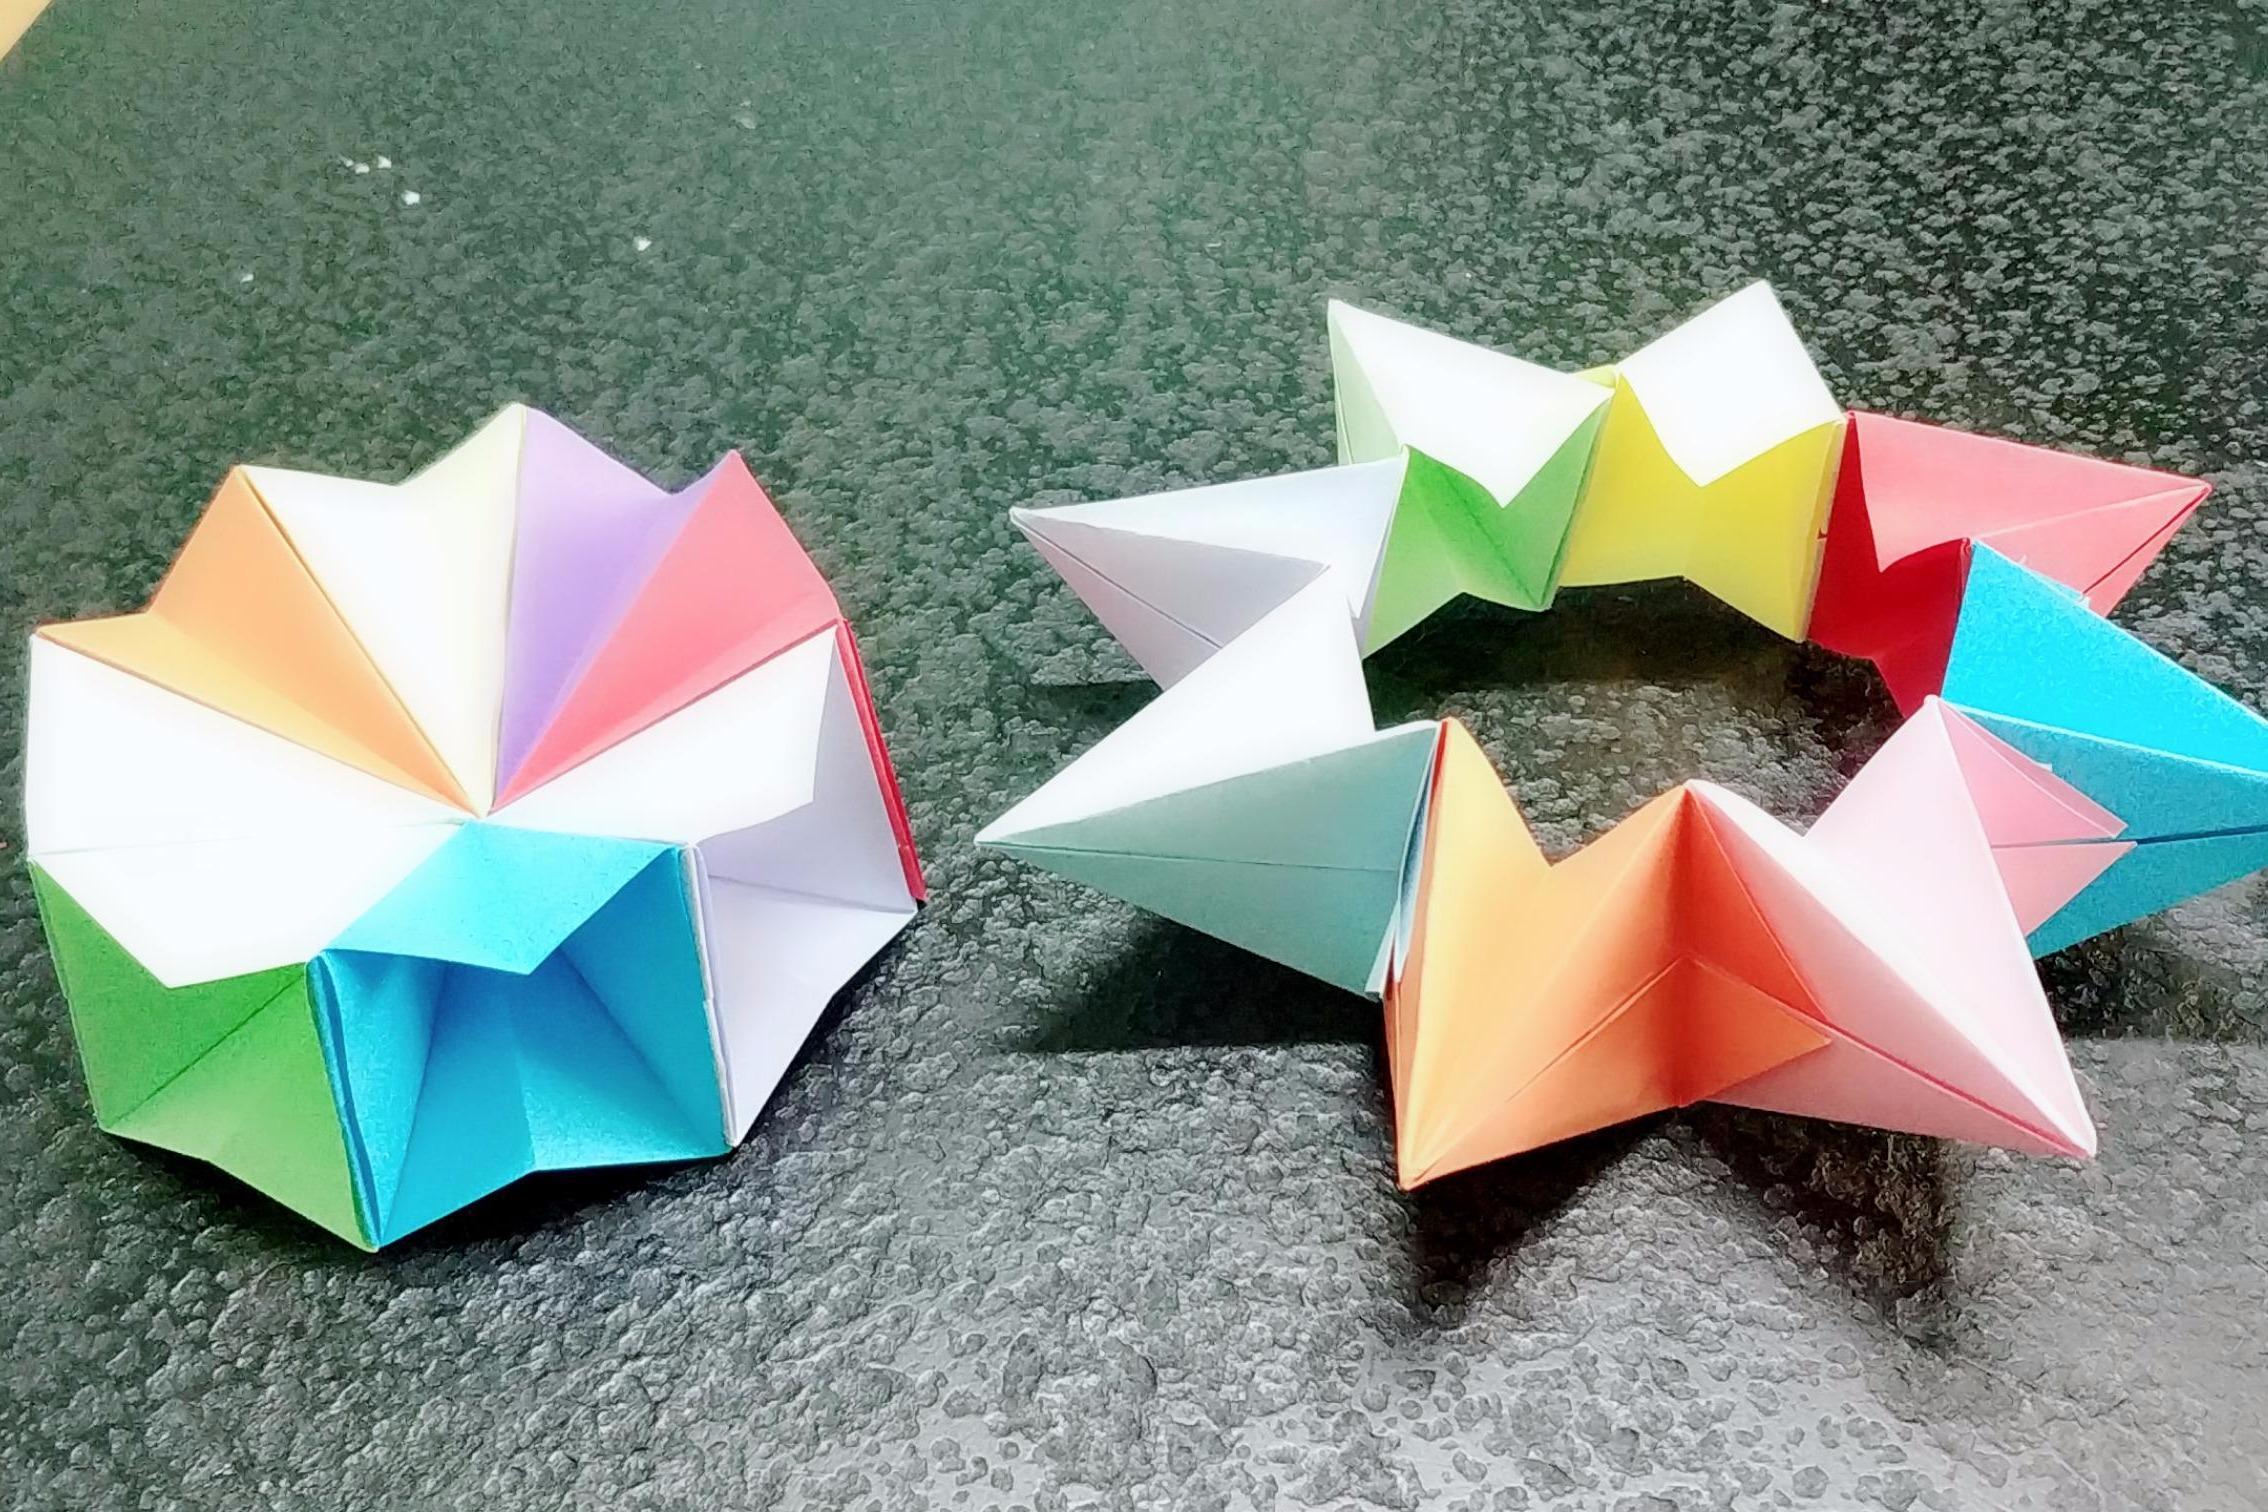 视频-琳儿手工折纸:花式旋转解压魔方,好学又好玩!旋转解压魔方折纸